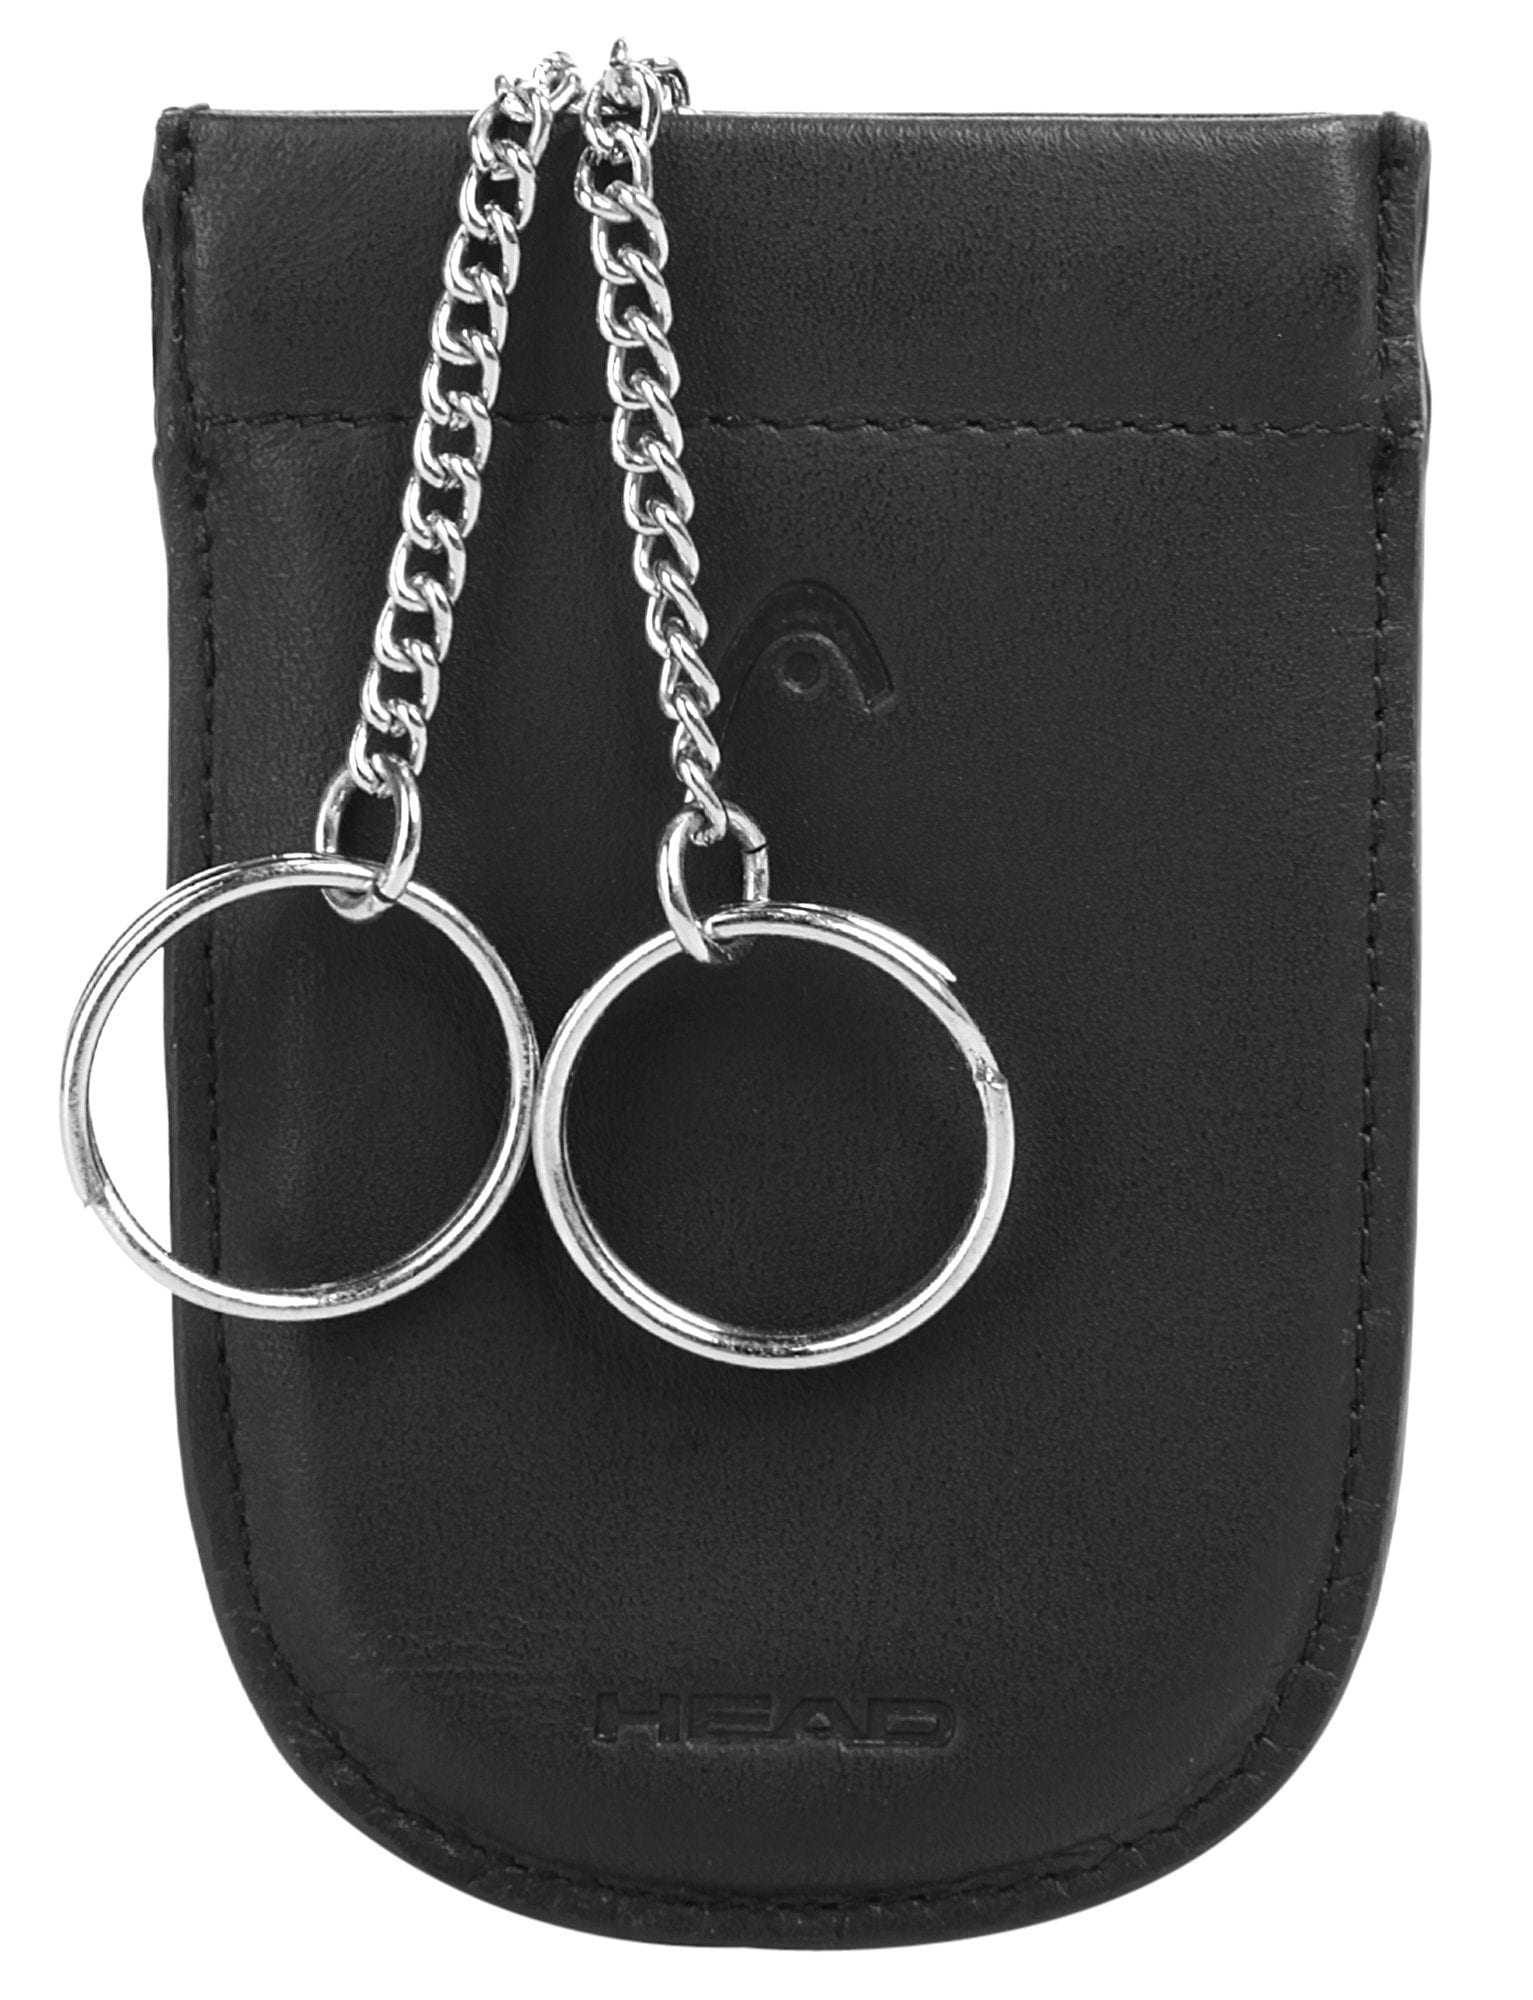 Head Schlüsseltasche GILDE-RFID Damenmode/Schmuck & Accessoires/Taschen/Schlüsseltaschen